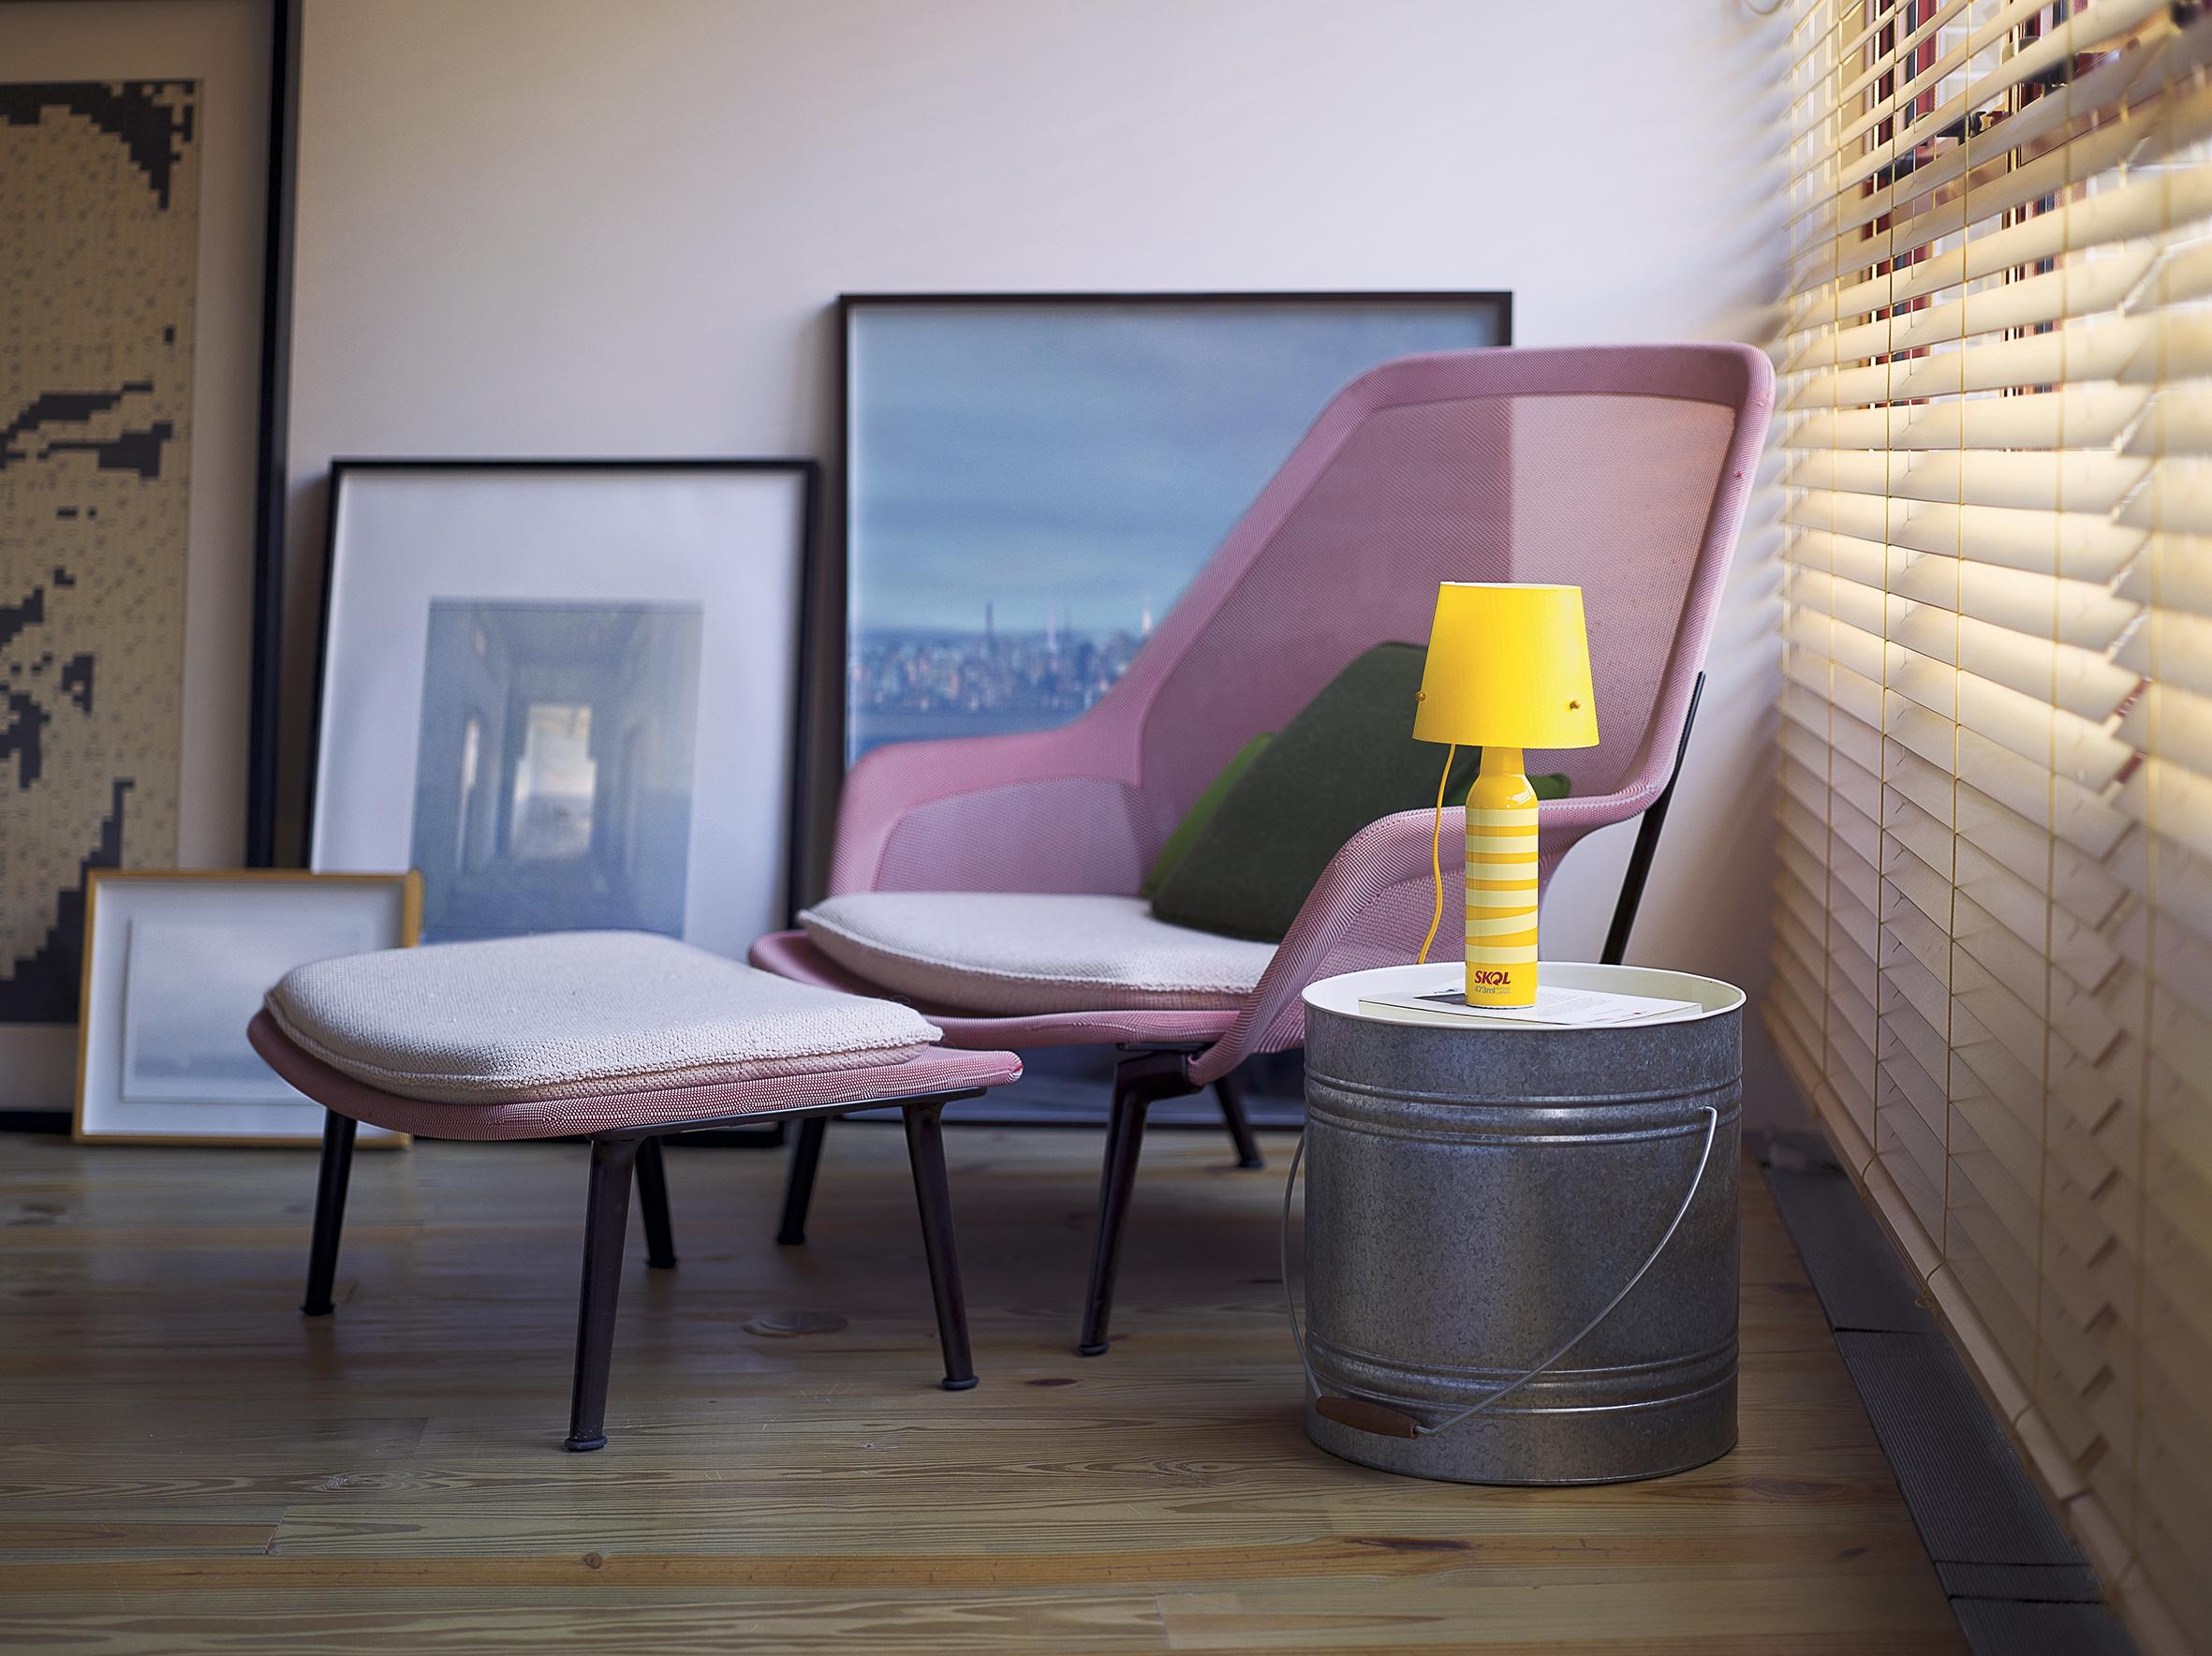 SkolDesign_Lamp.jpg